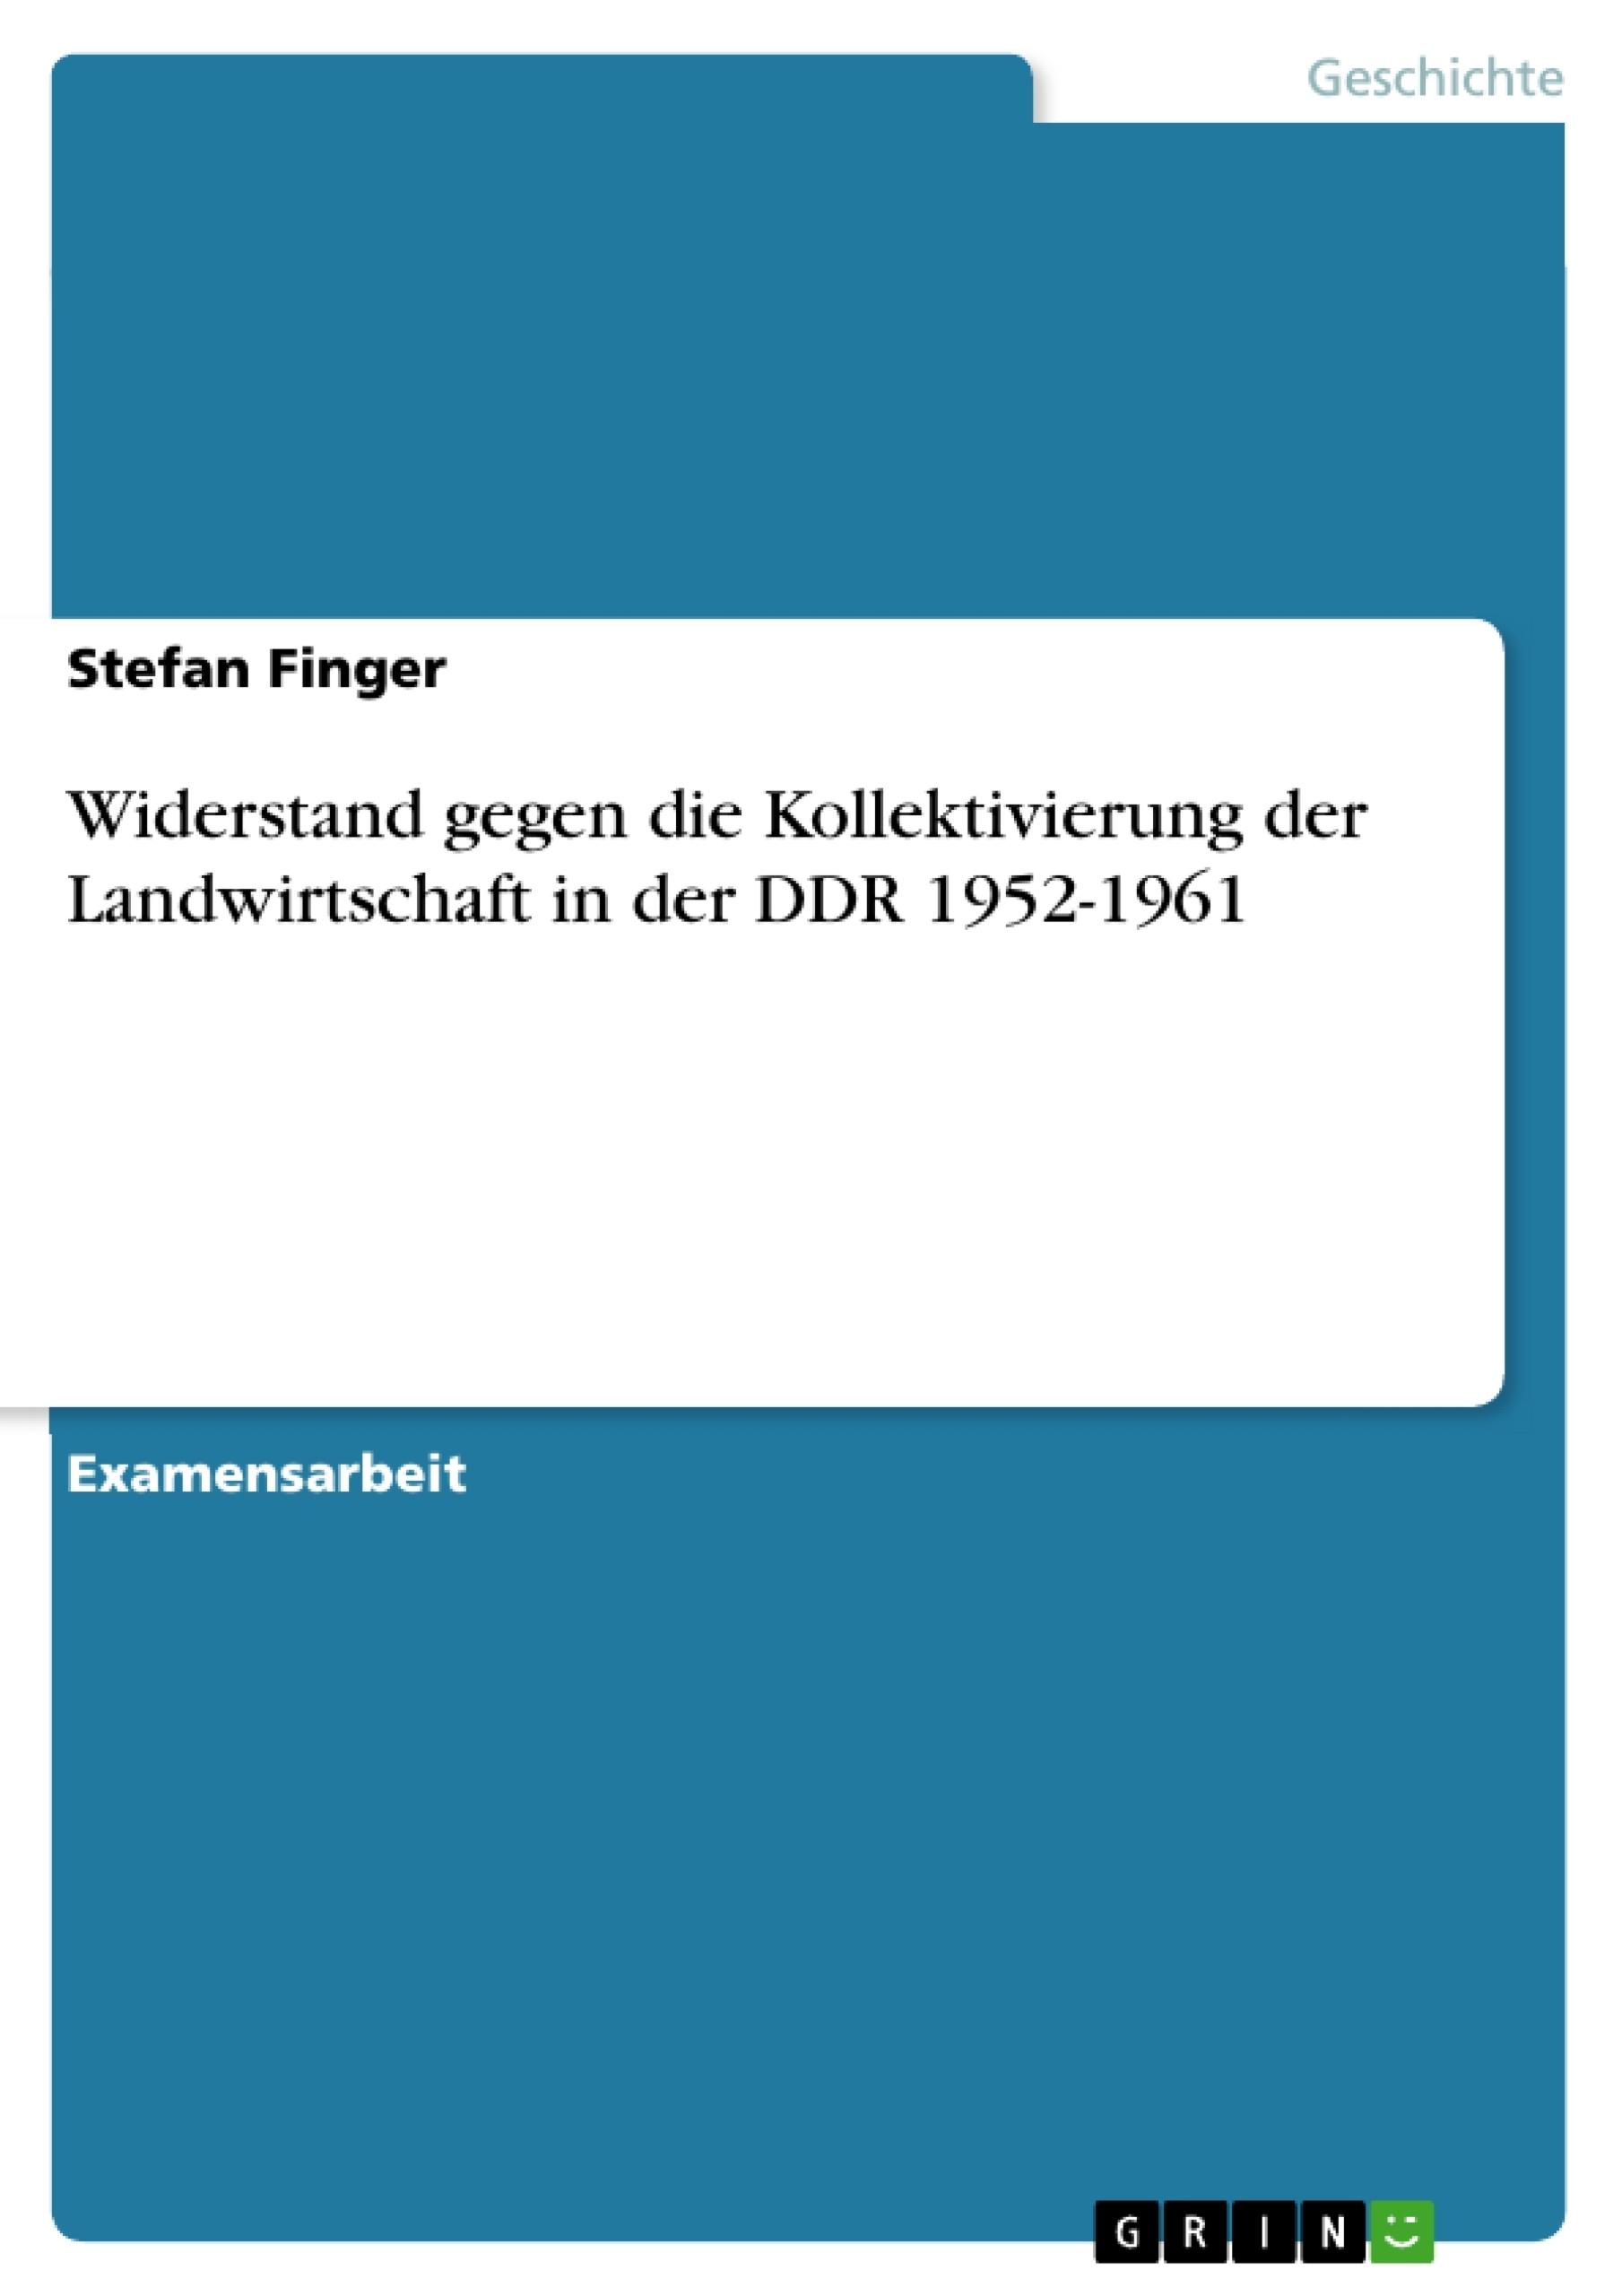 Titel: Widerstand gegen die Kollektivierung der Landwirtschaft in der DDR 1952-1961